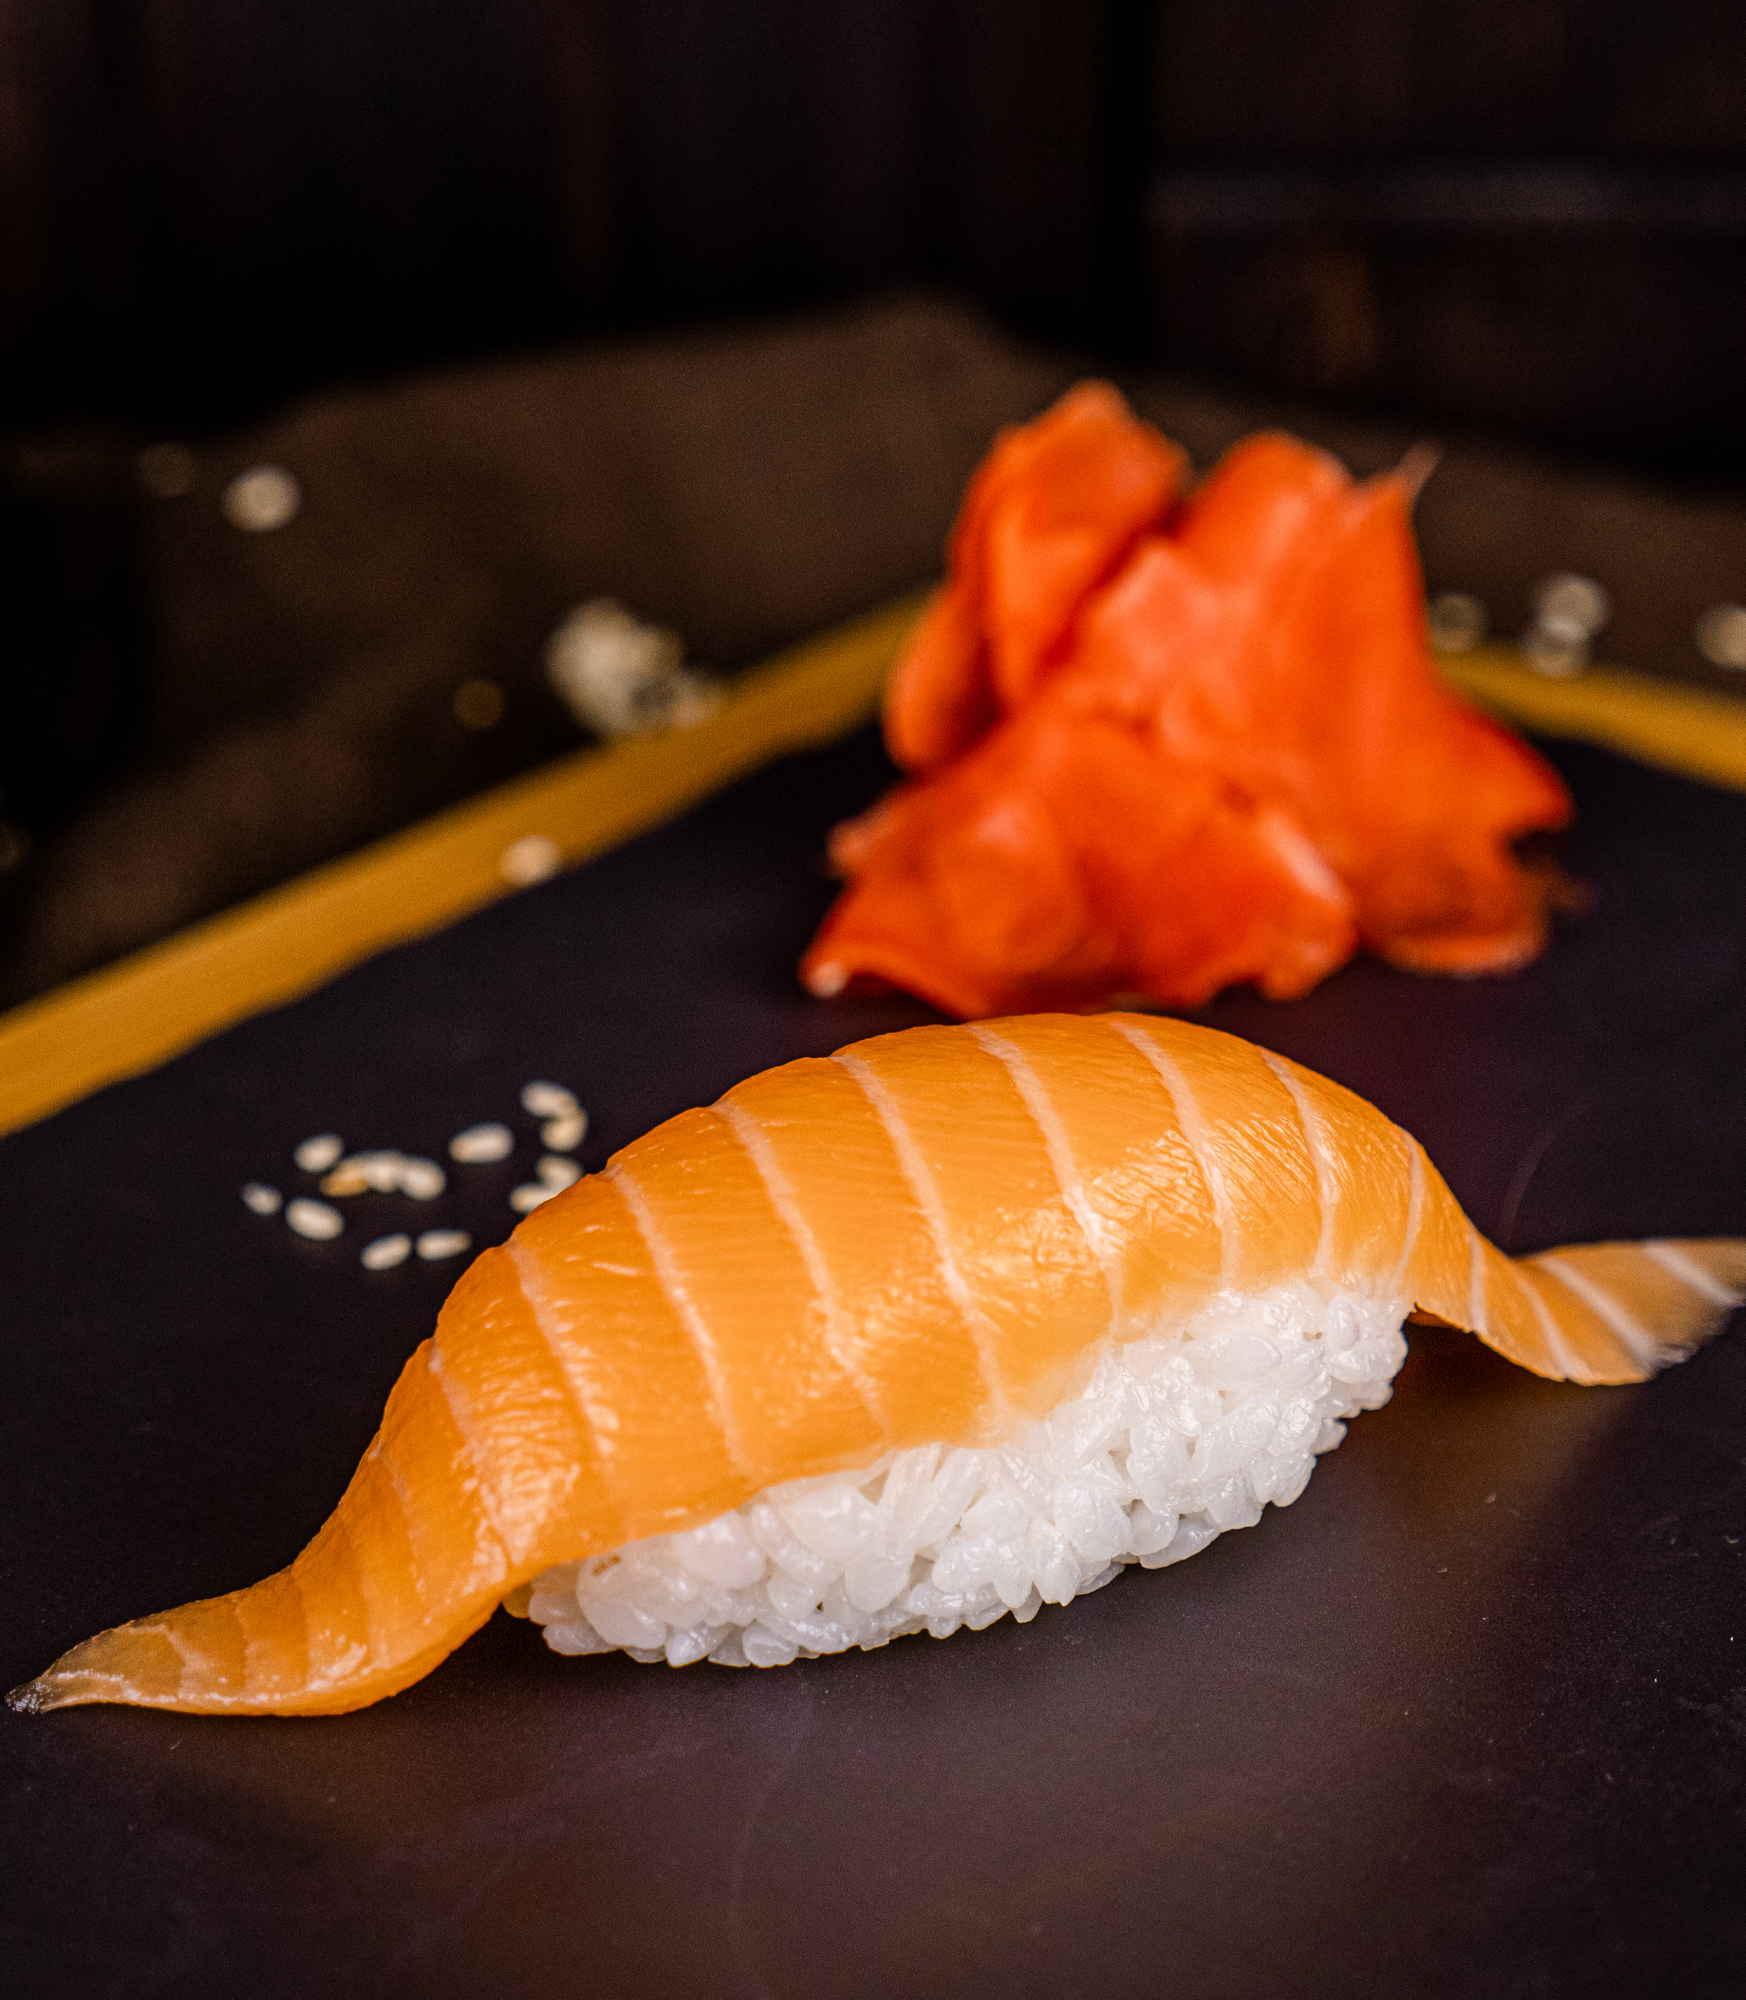 Суши Лосось доставка суши роллов в Орле ресторан Лабиринт